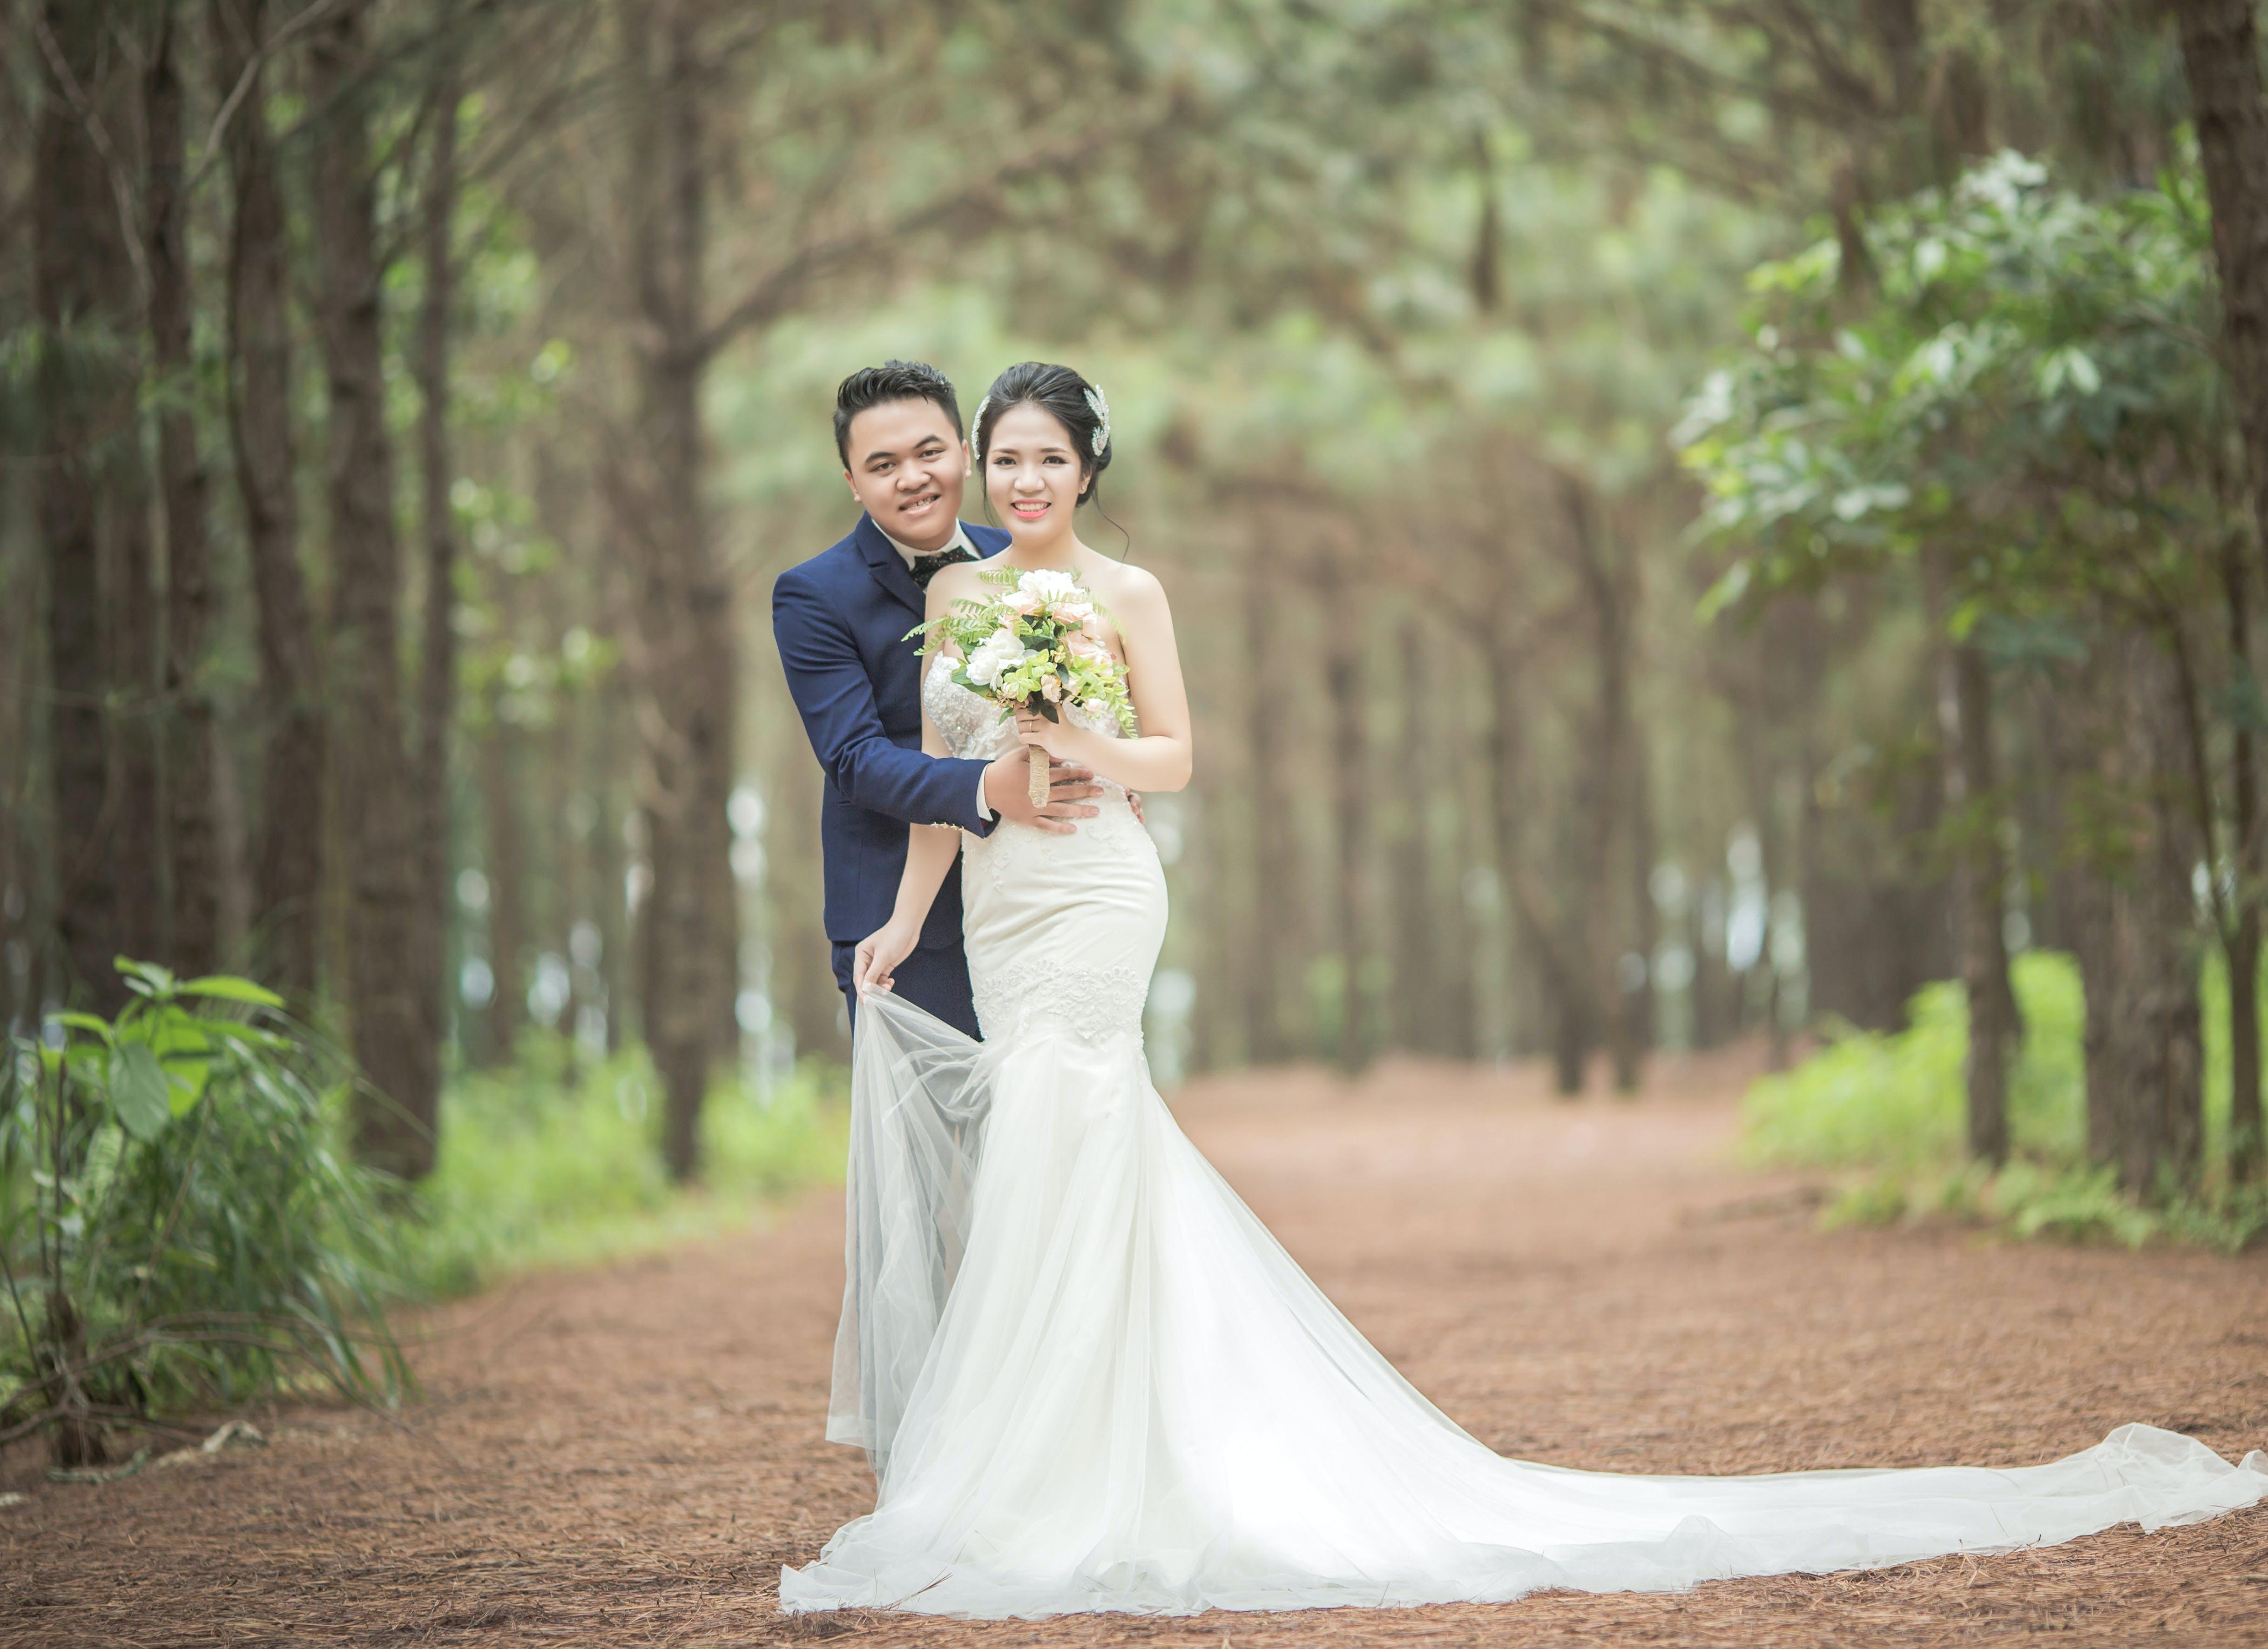 Man Wearing Black Suit Jacket and Women Wearing White Wedding Dress